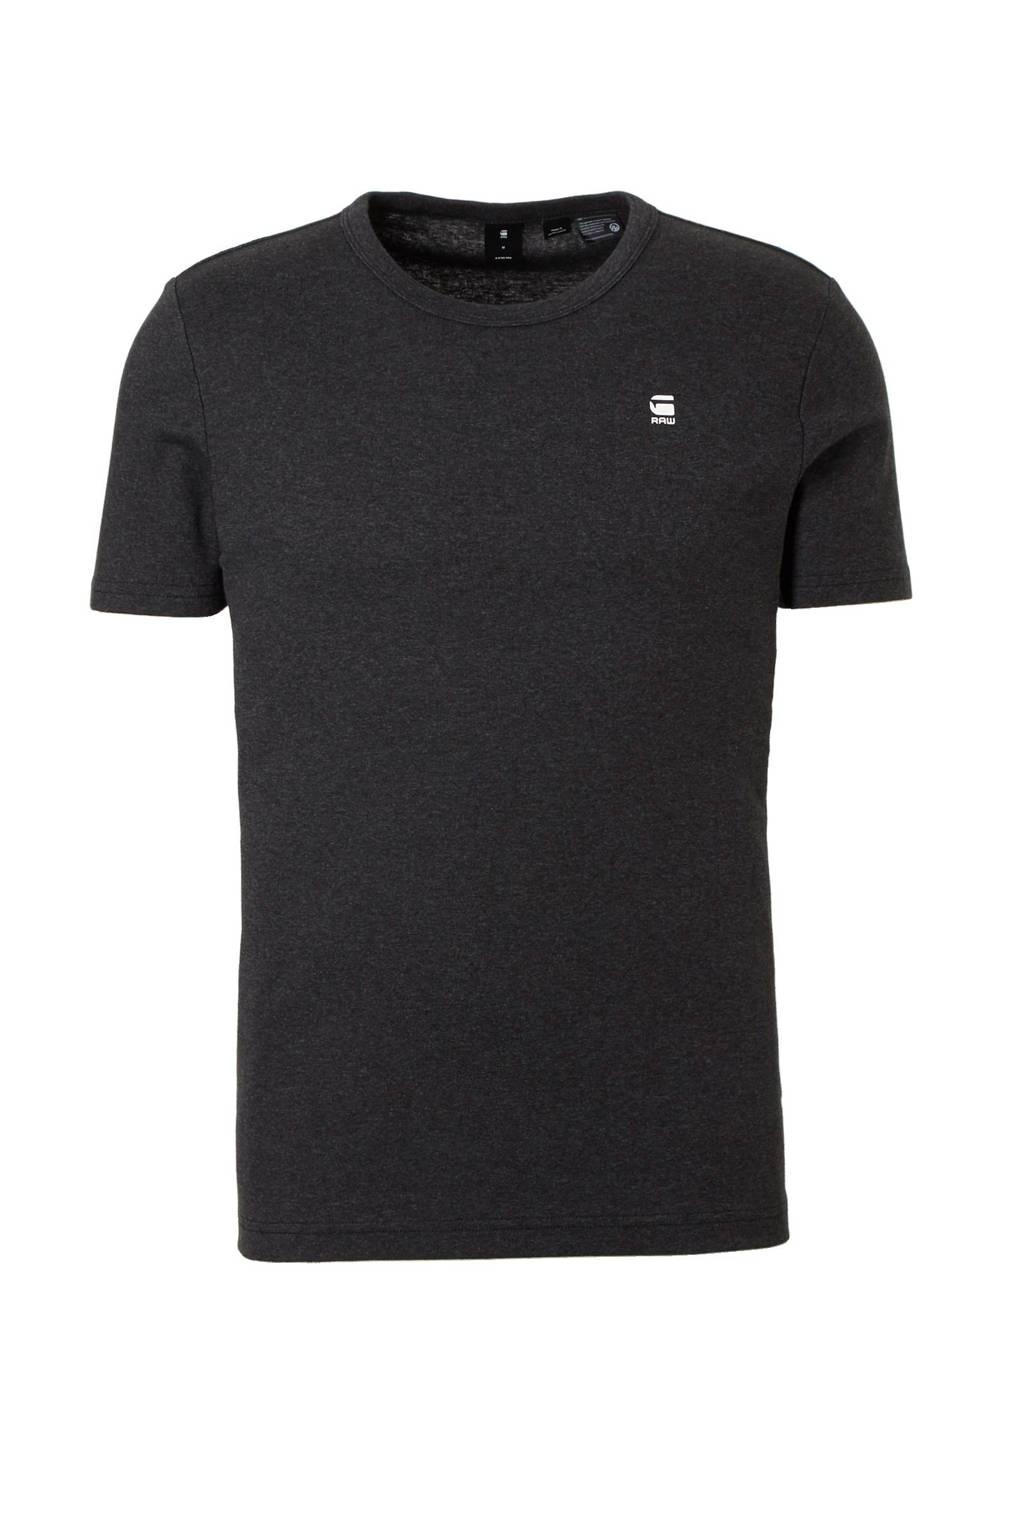 G-Star RAW Daplin T-shirt, Zwart